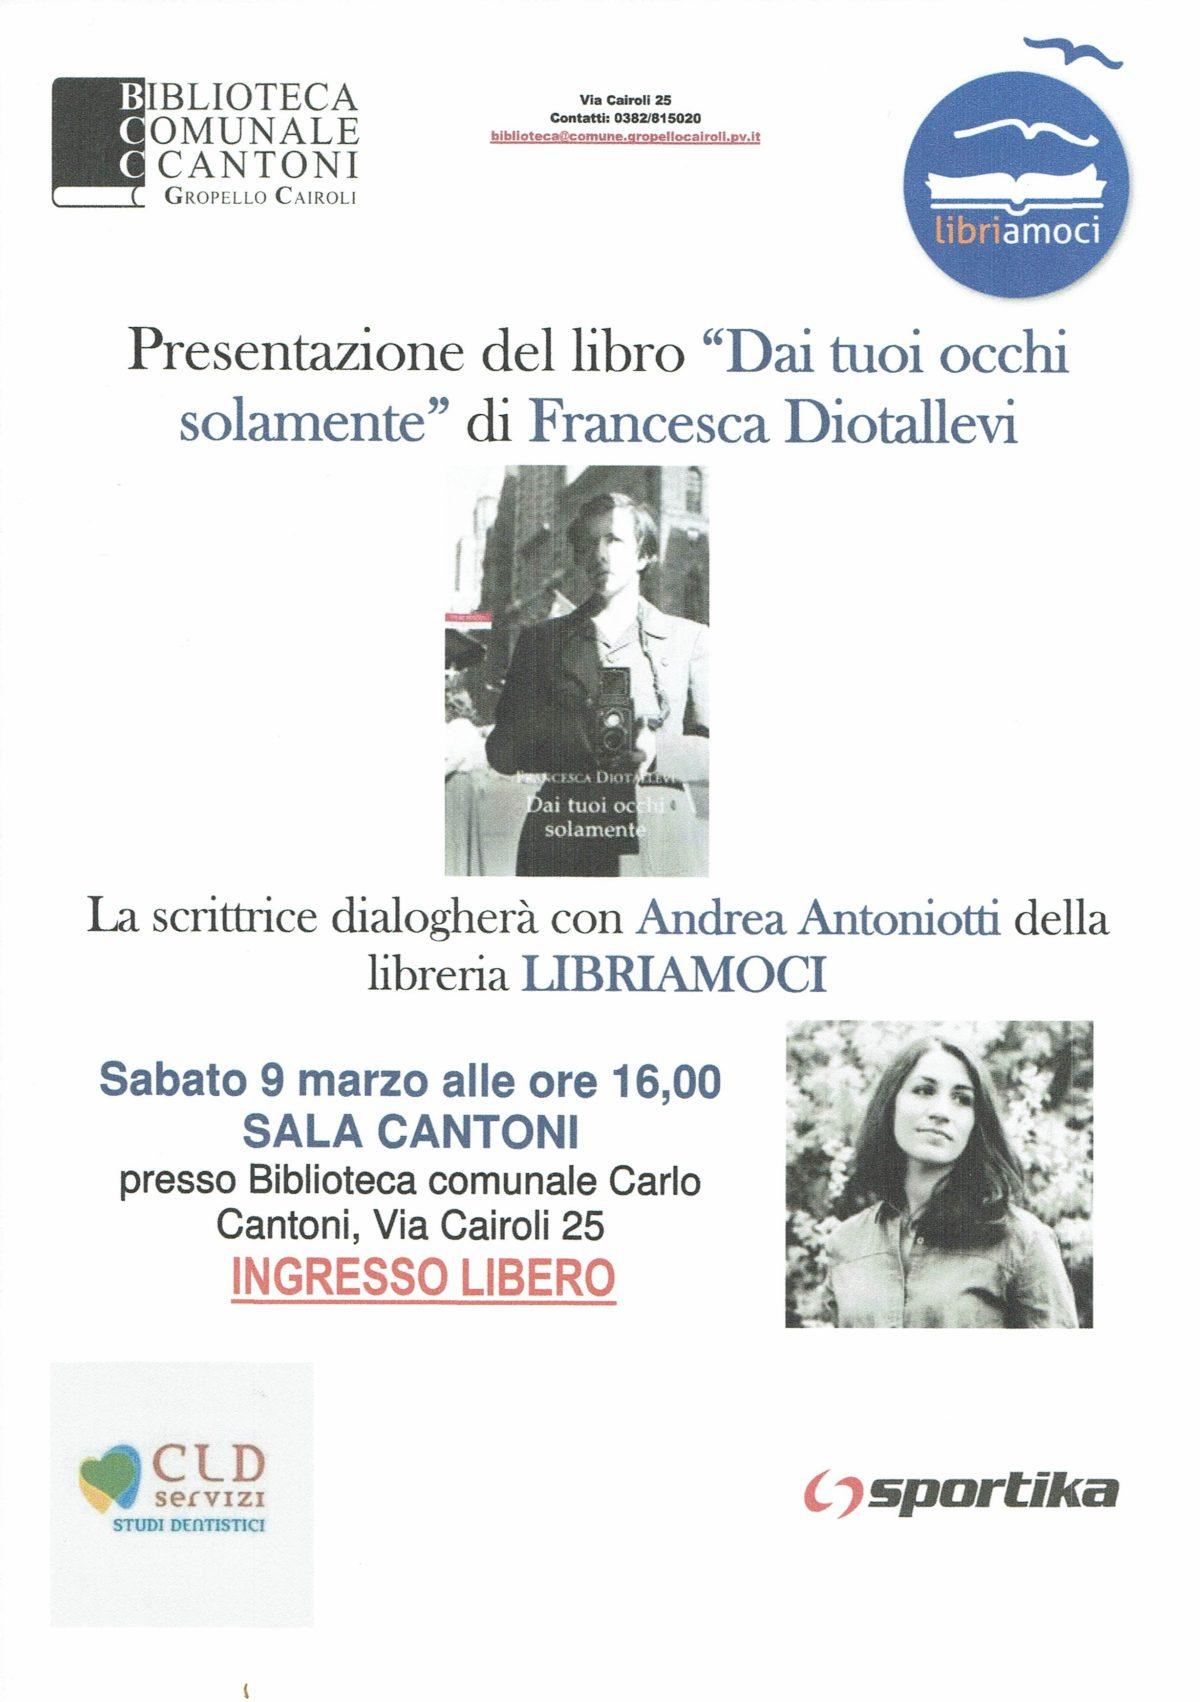 Locandina Presentazione Libro Francesca Diotallevi